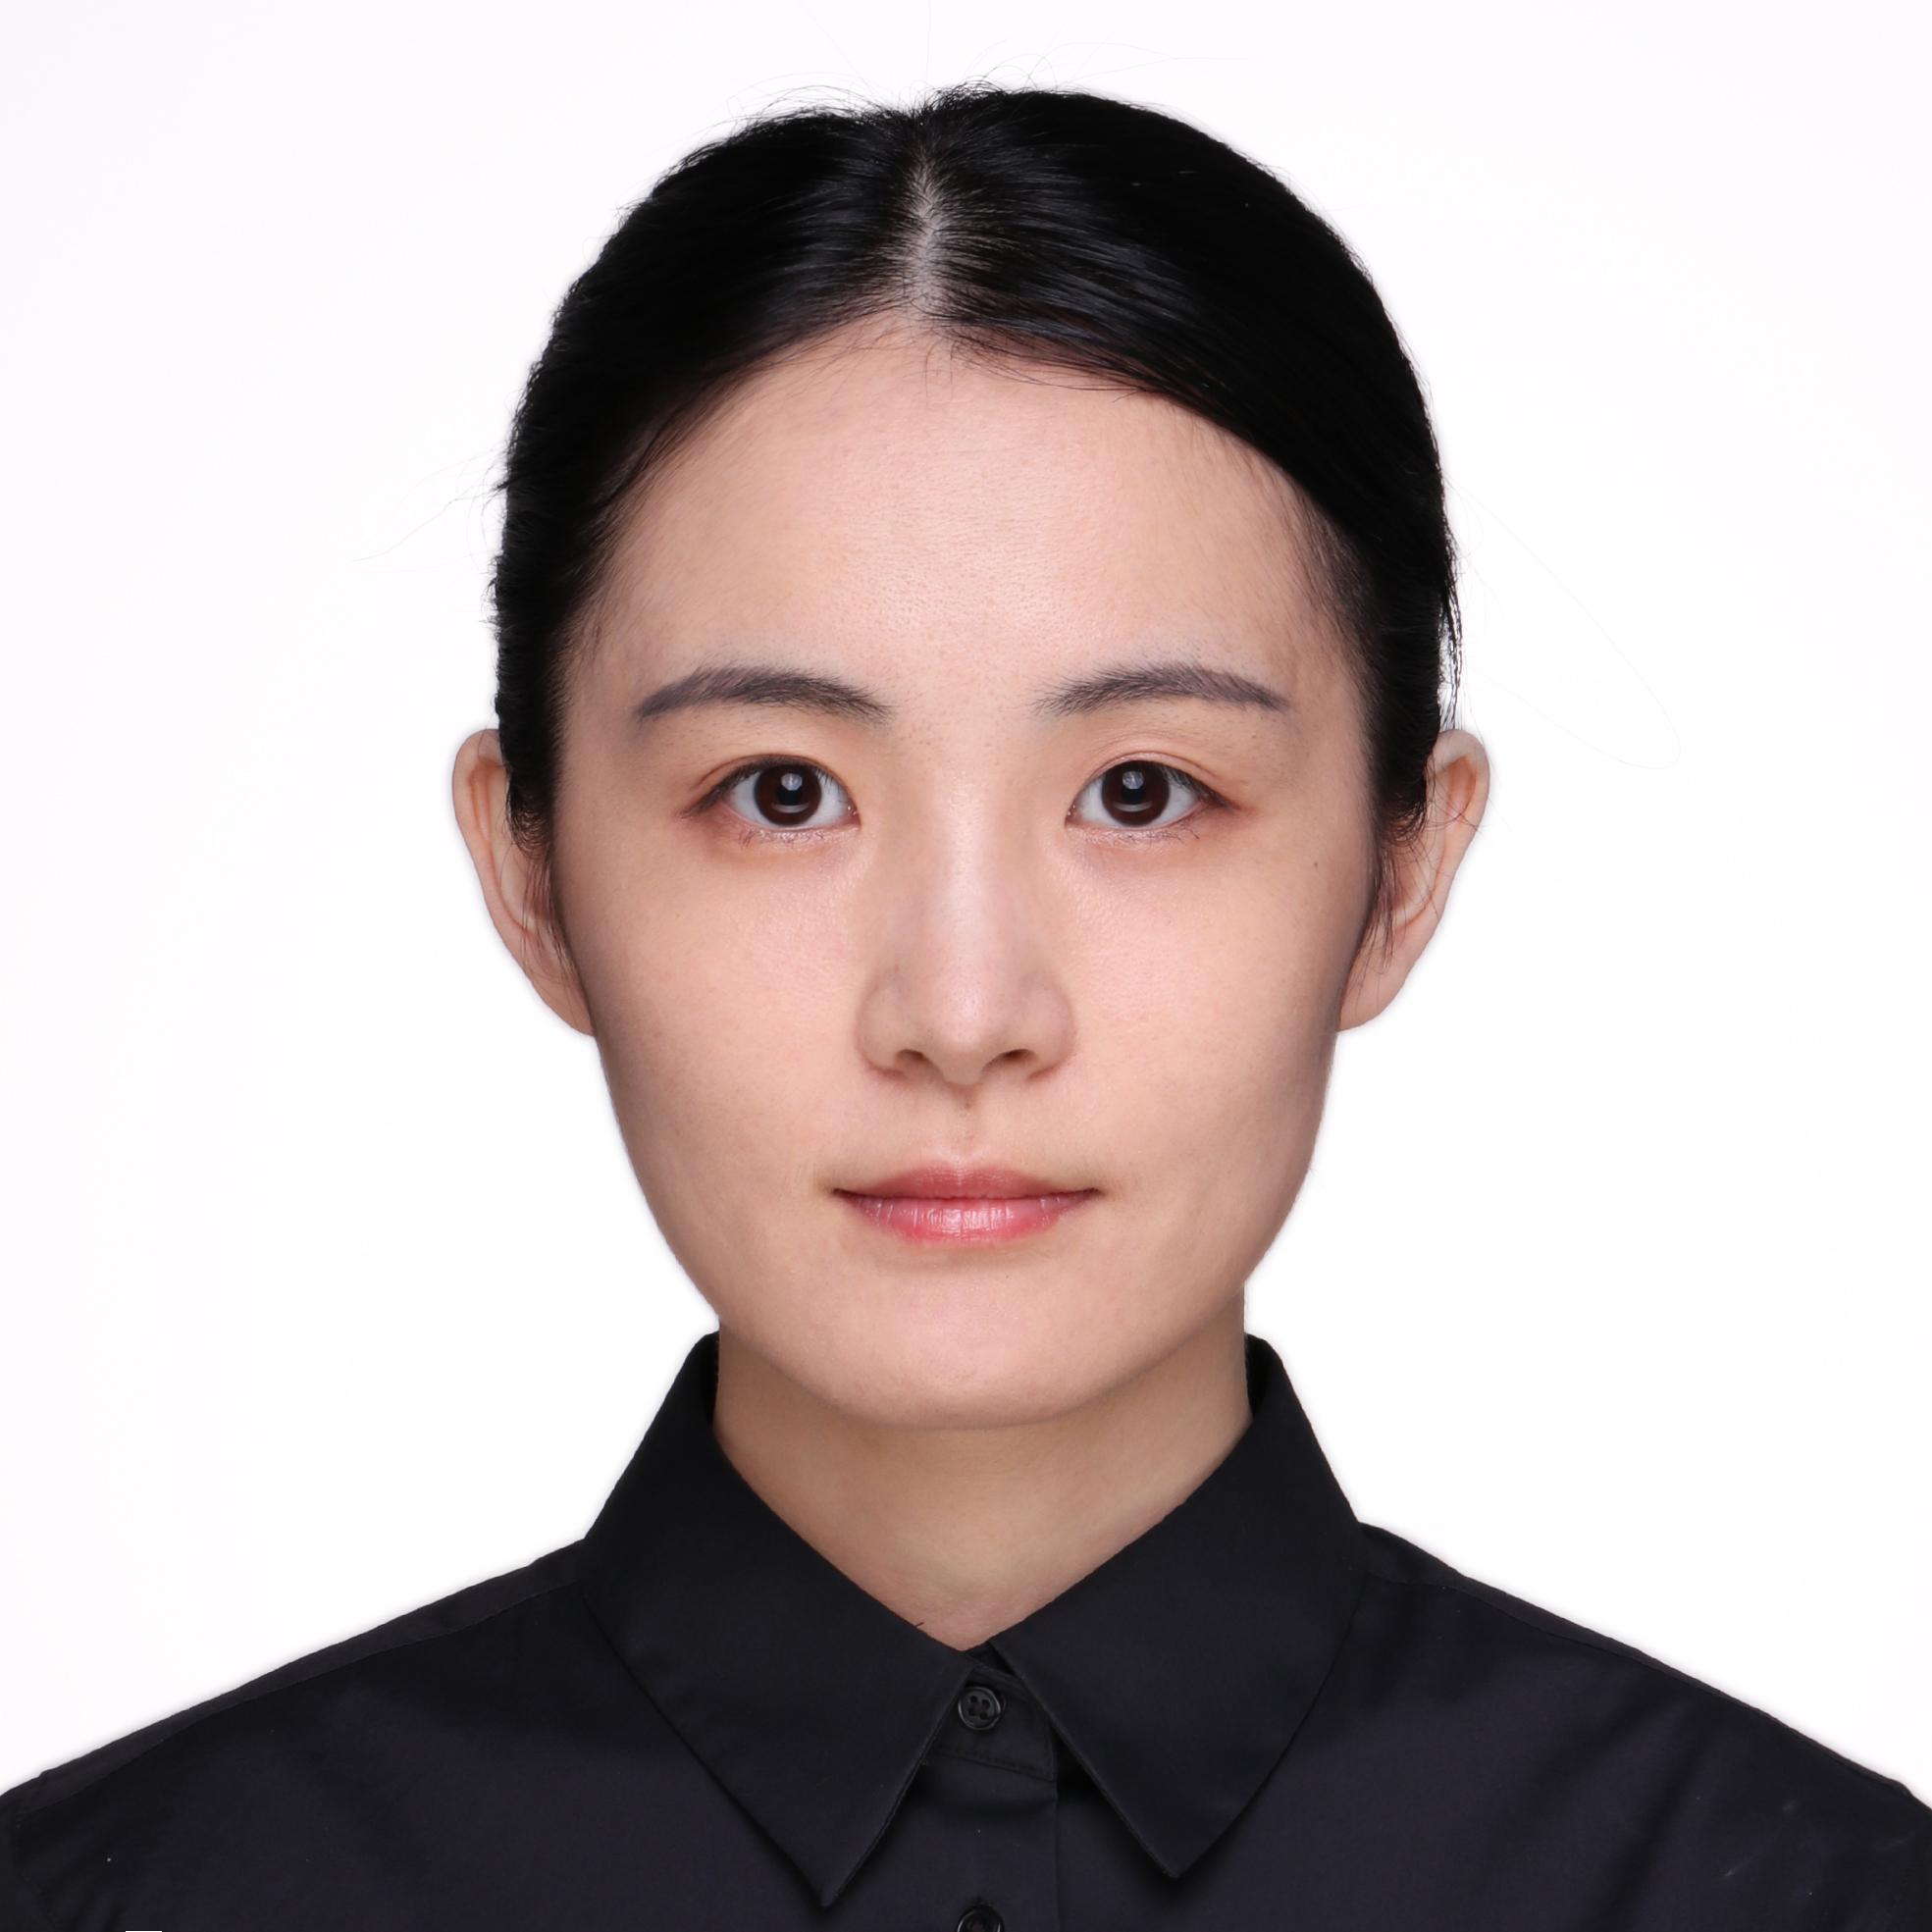 https://nextcoremedia.com/wp-content/uploads/2020/03/Cyndi-Tian-Professional-Headshot-Big.jpg